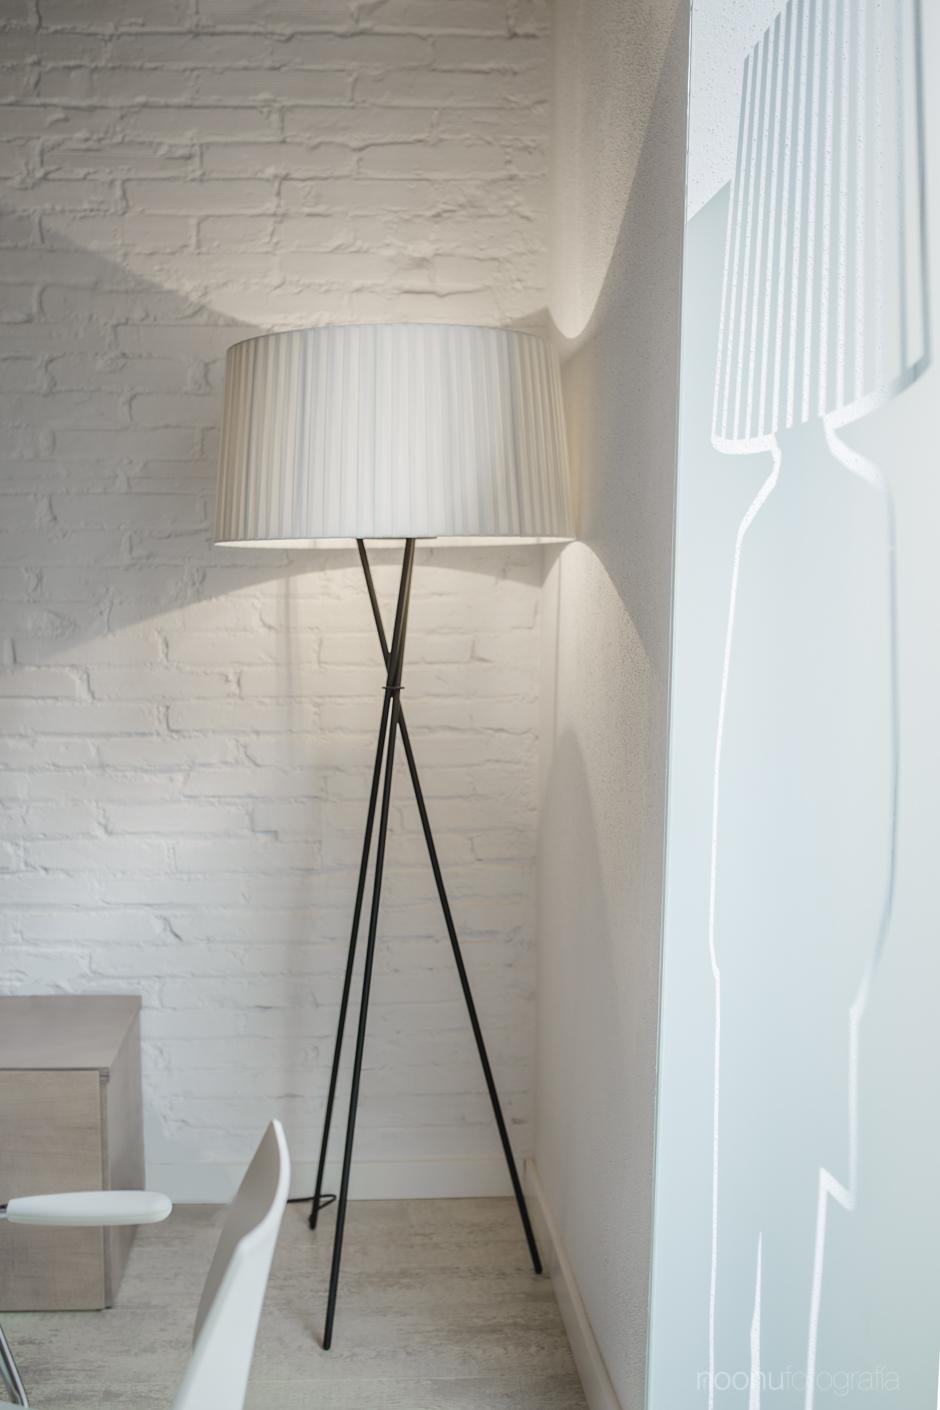 Noonu-fotografo-de-interiores-madrid6-2